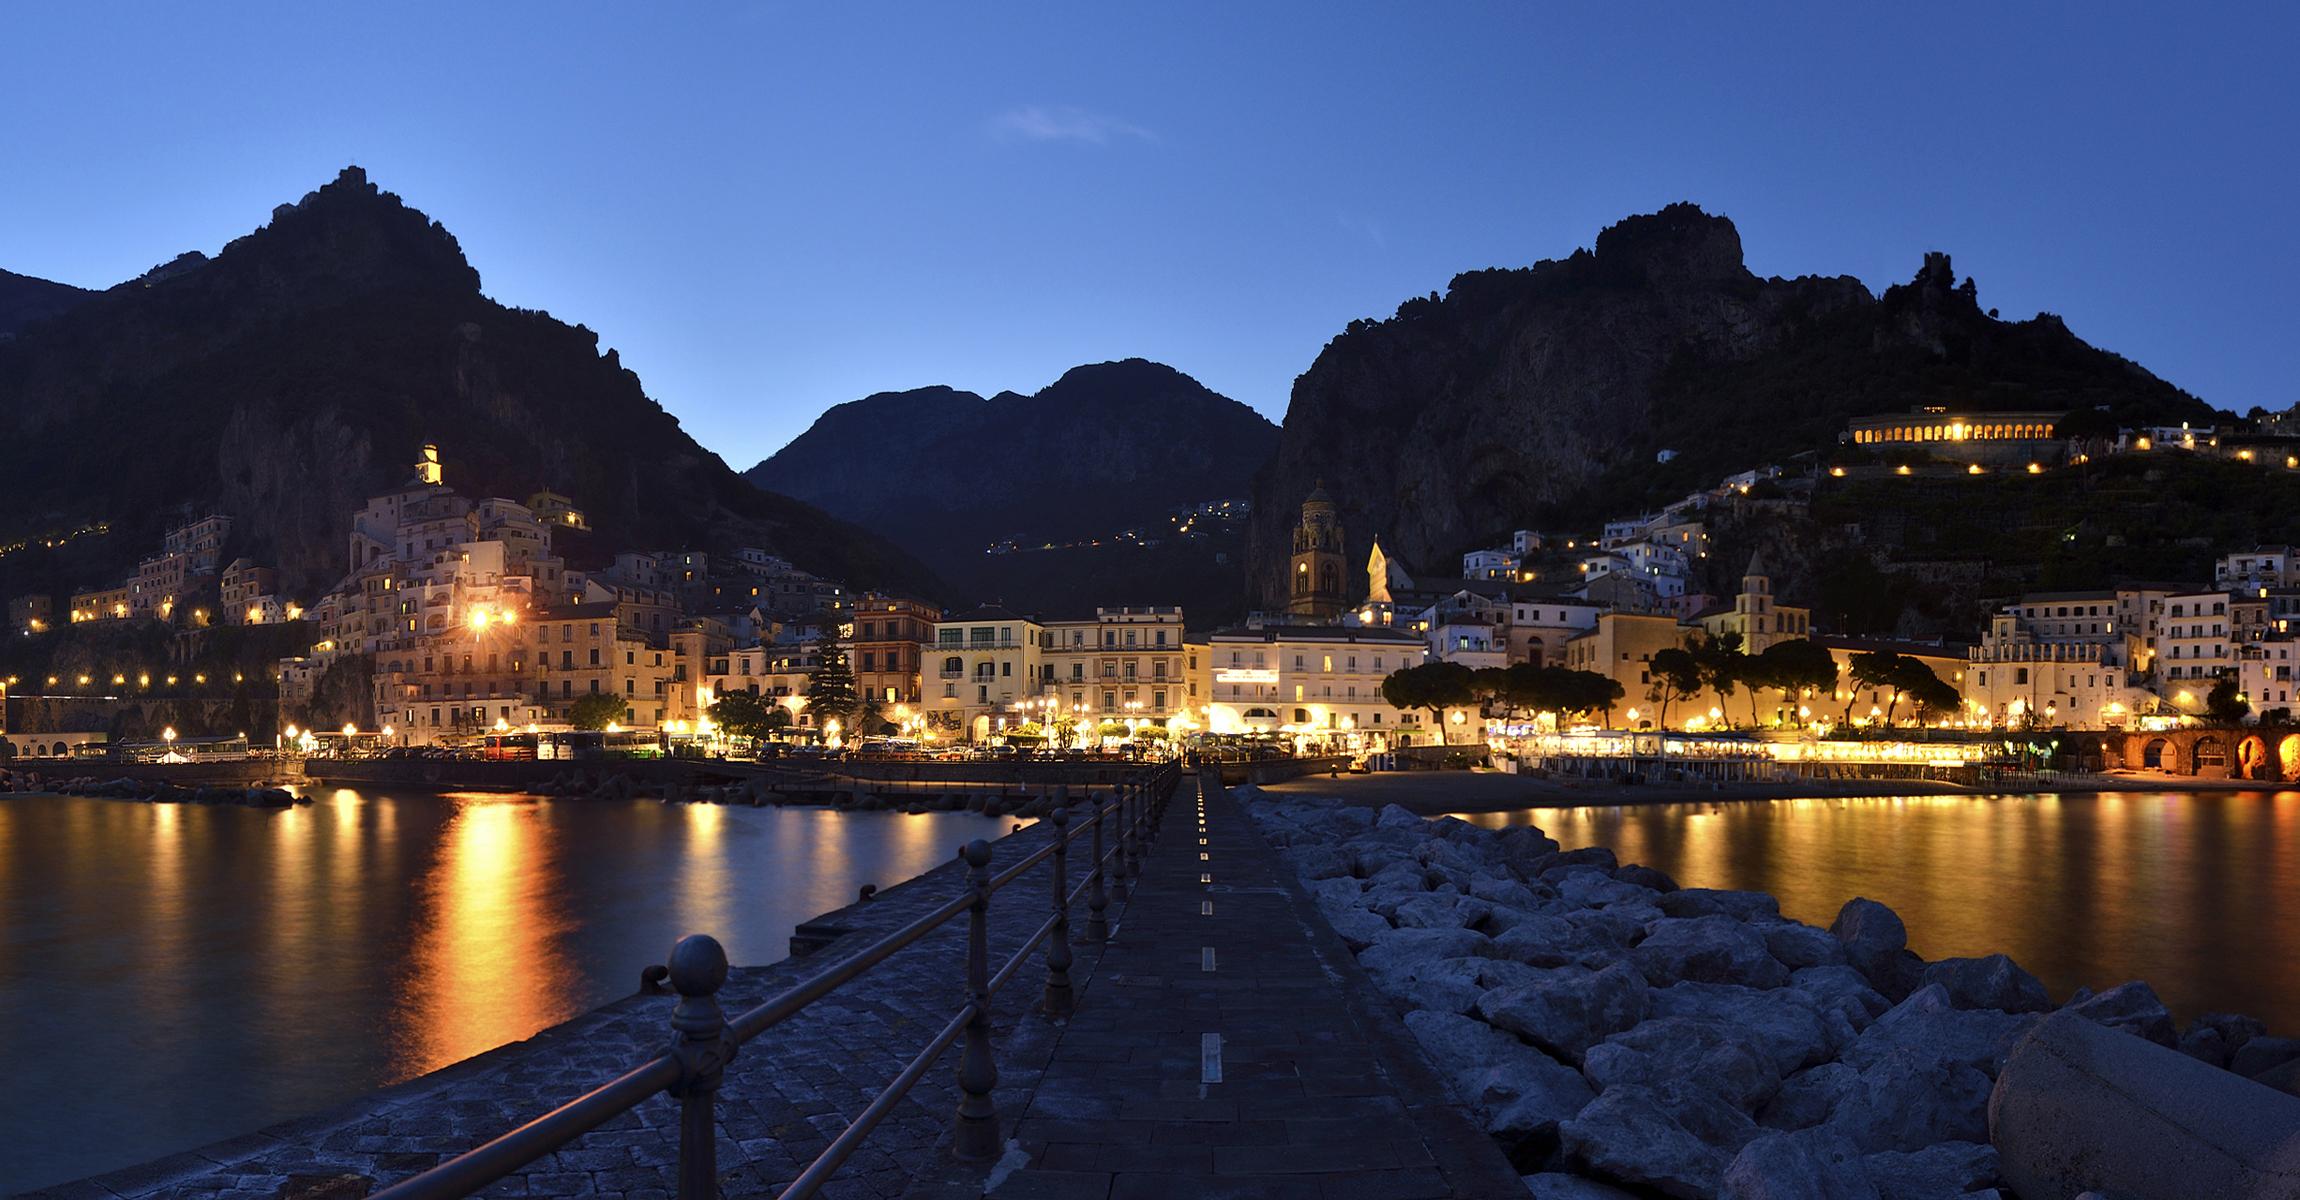 амальфи Побережье италия море горы без смс